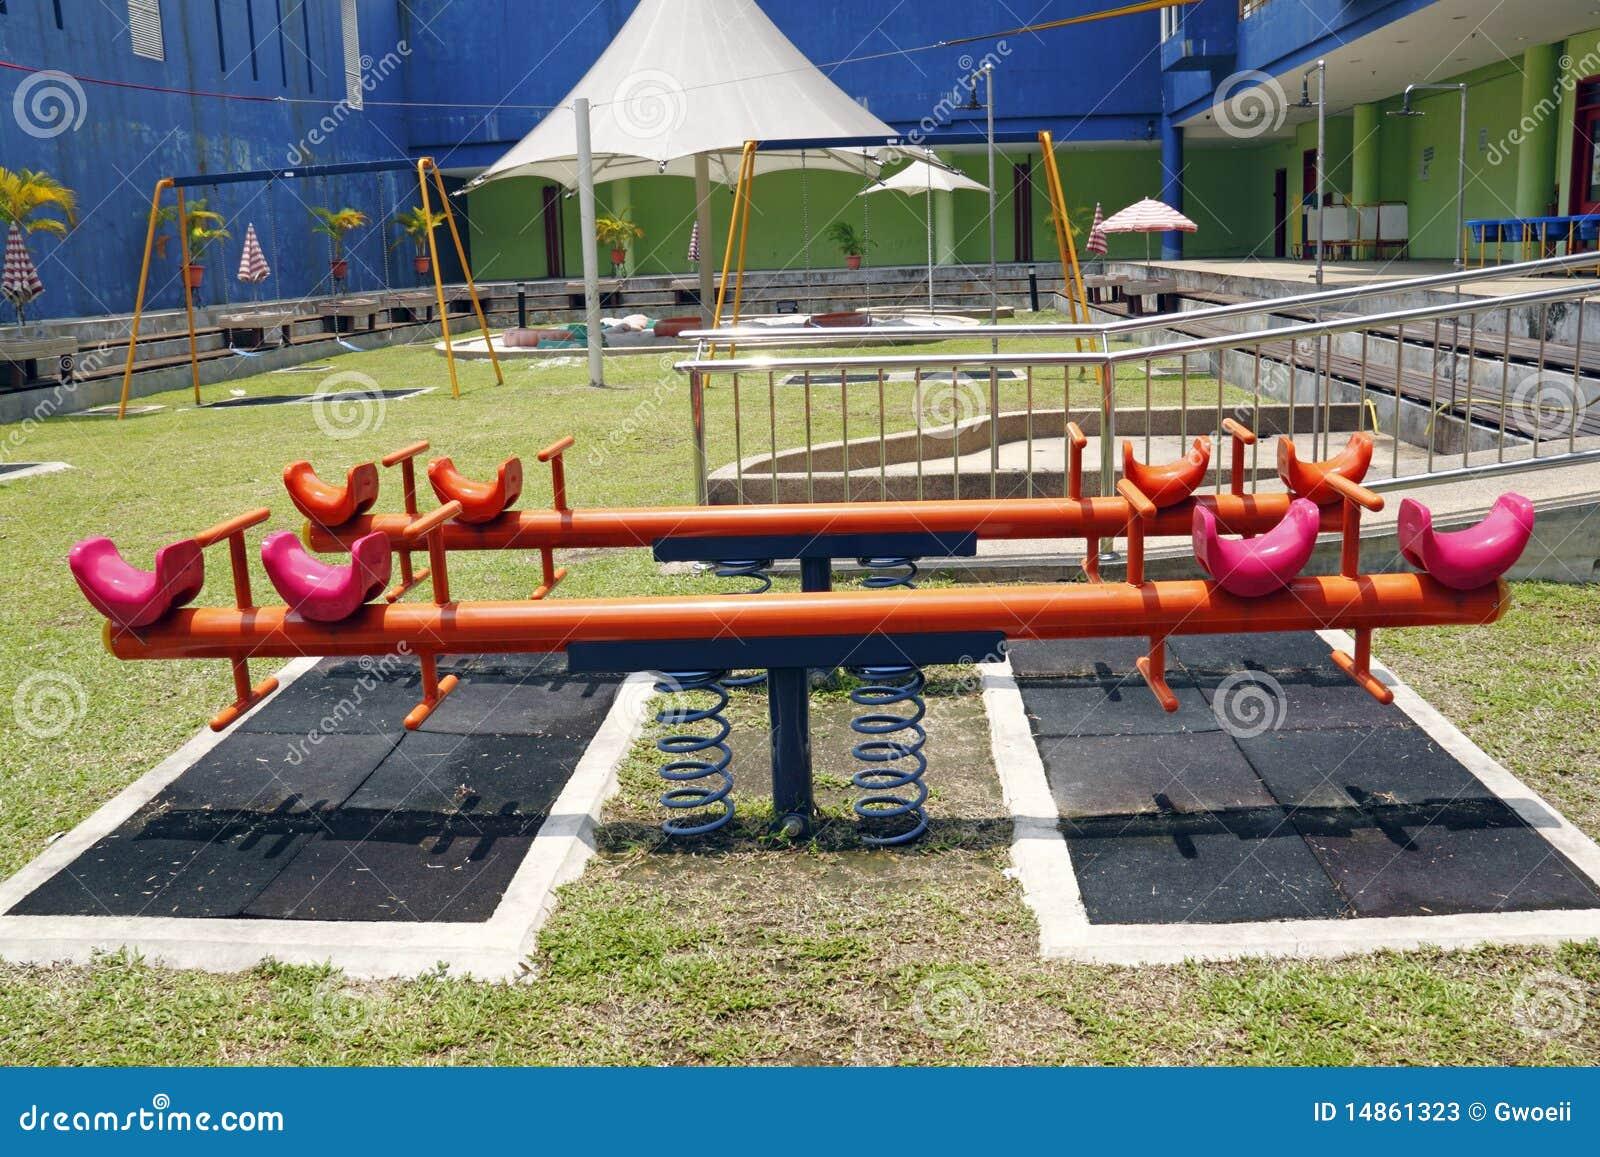 Children playground.